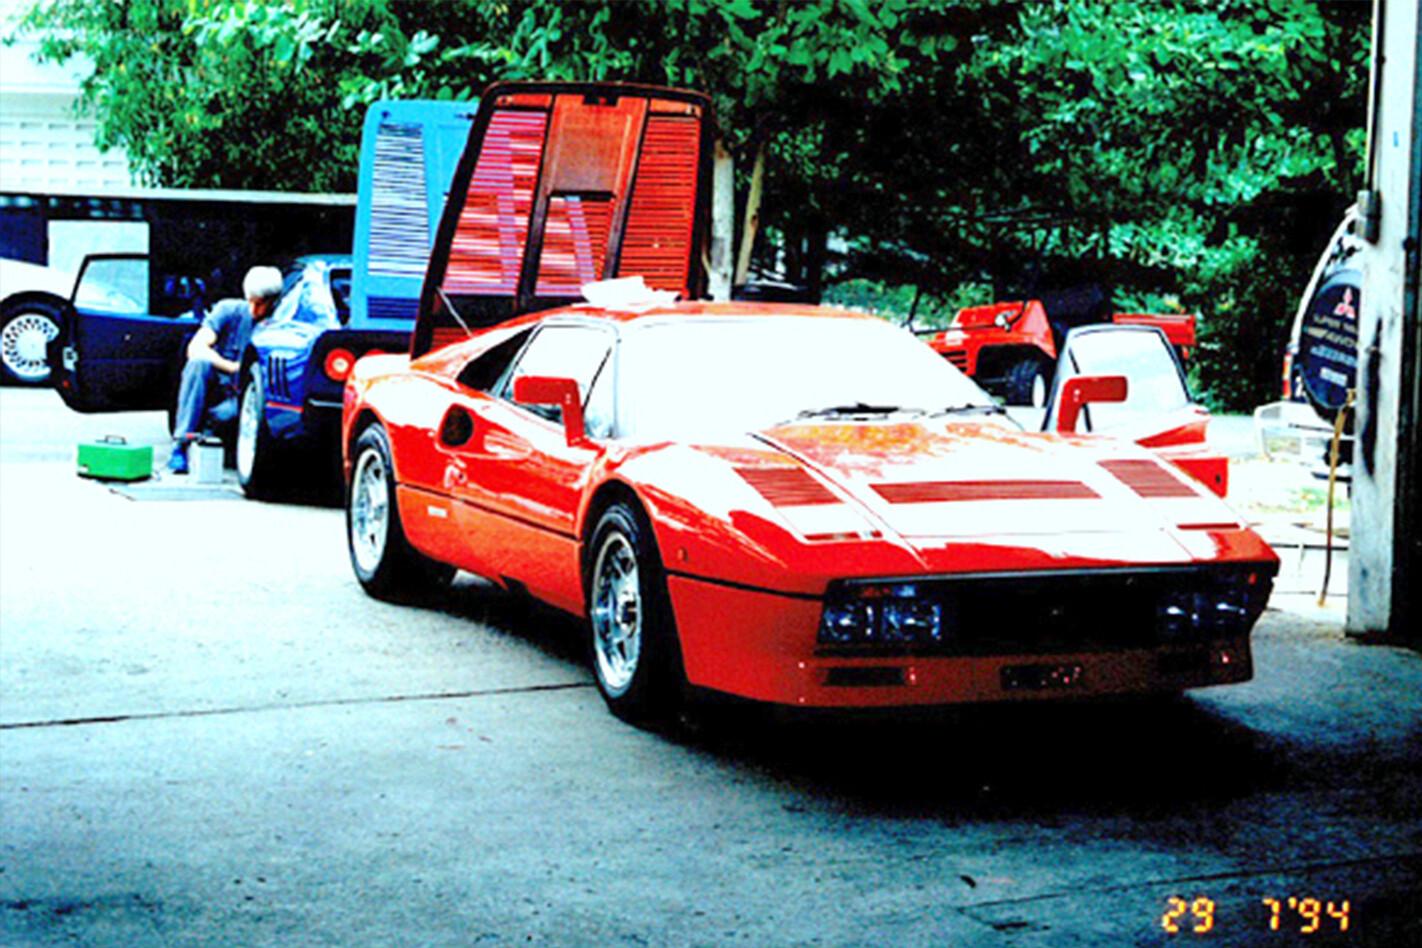 Paolo Garella Sultan Brunei 288 GTO Jpg